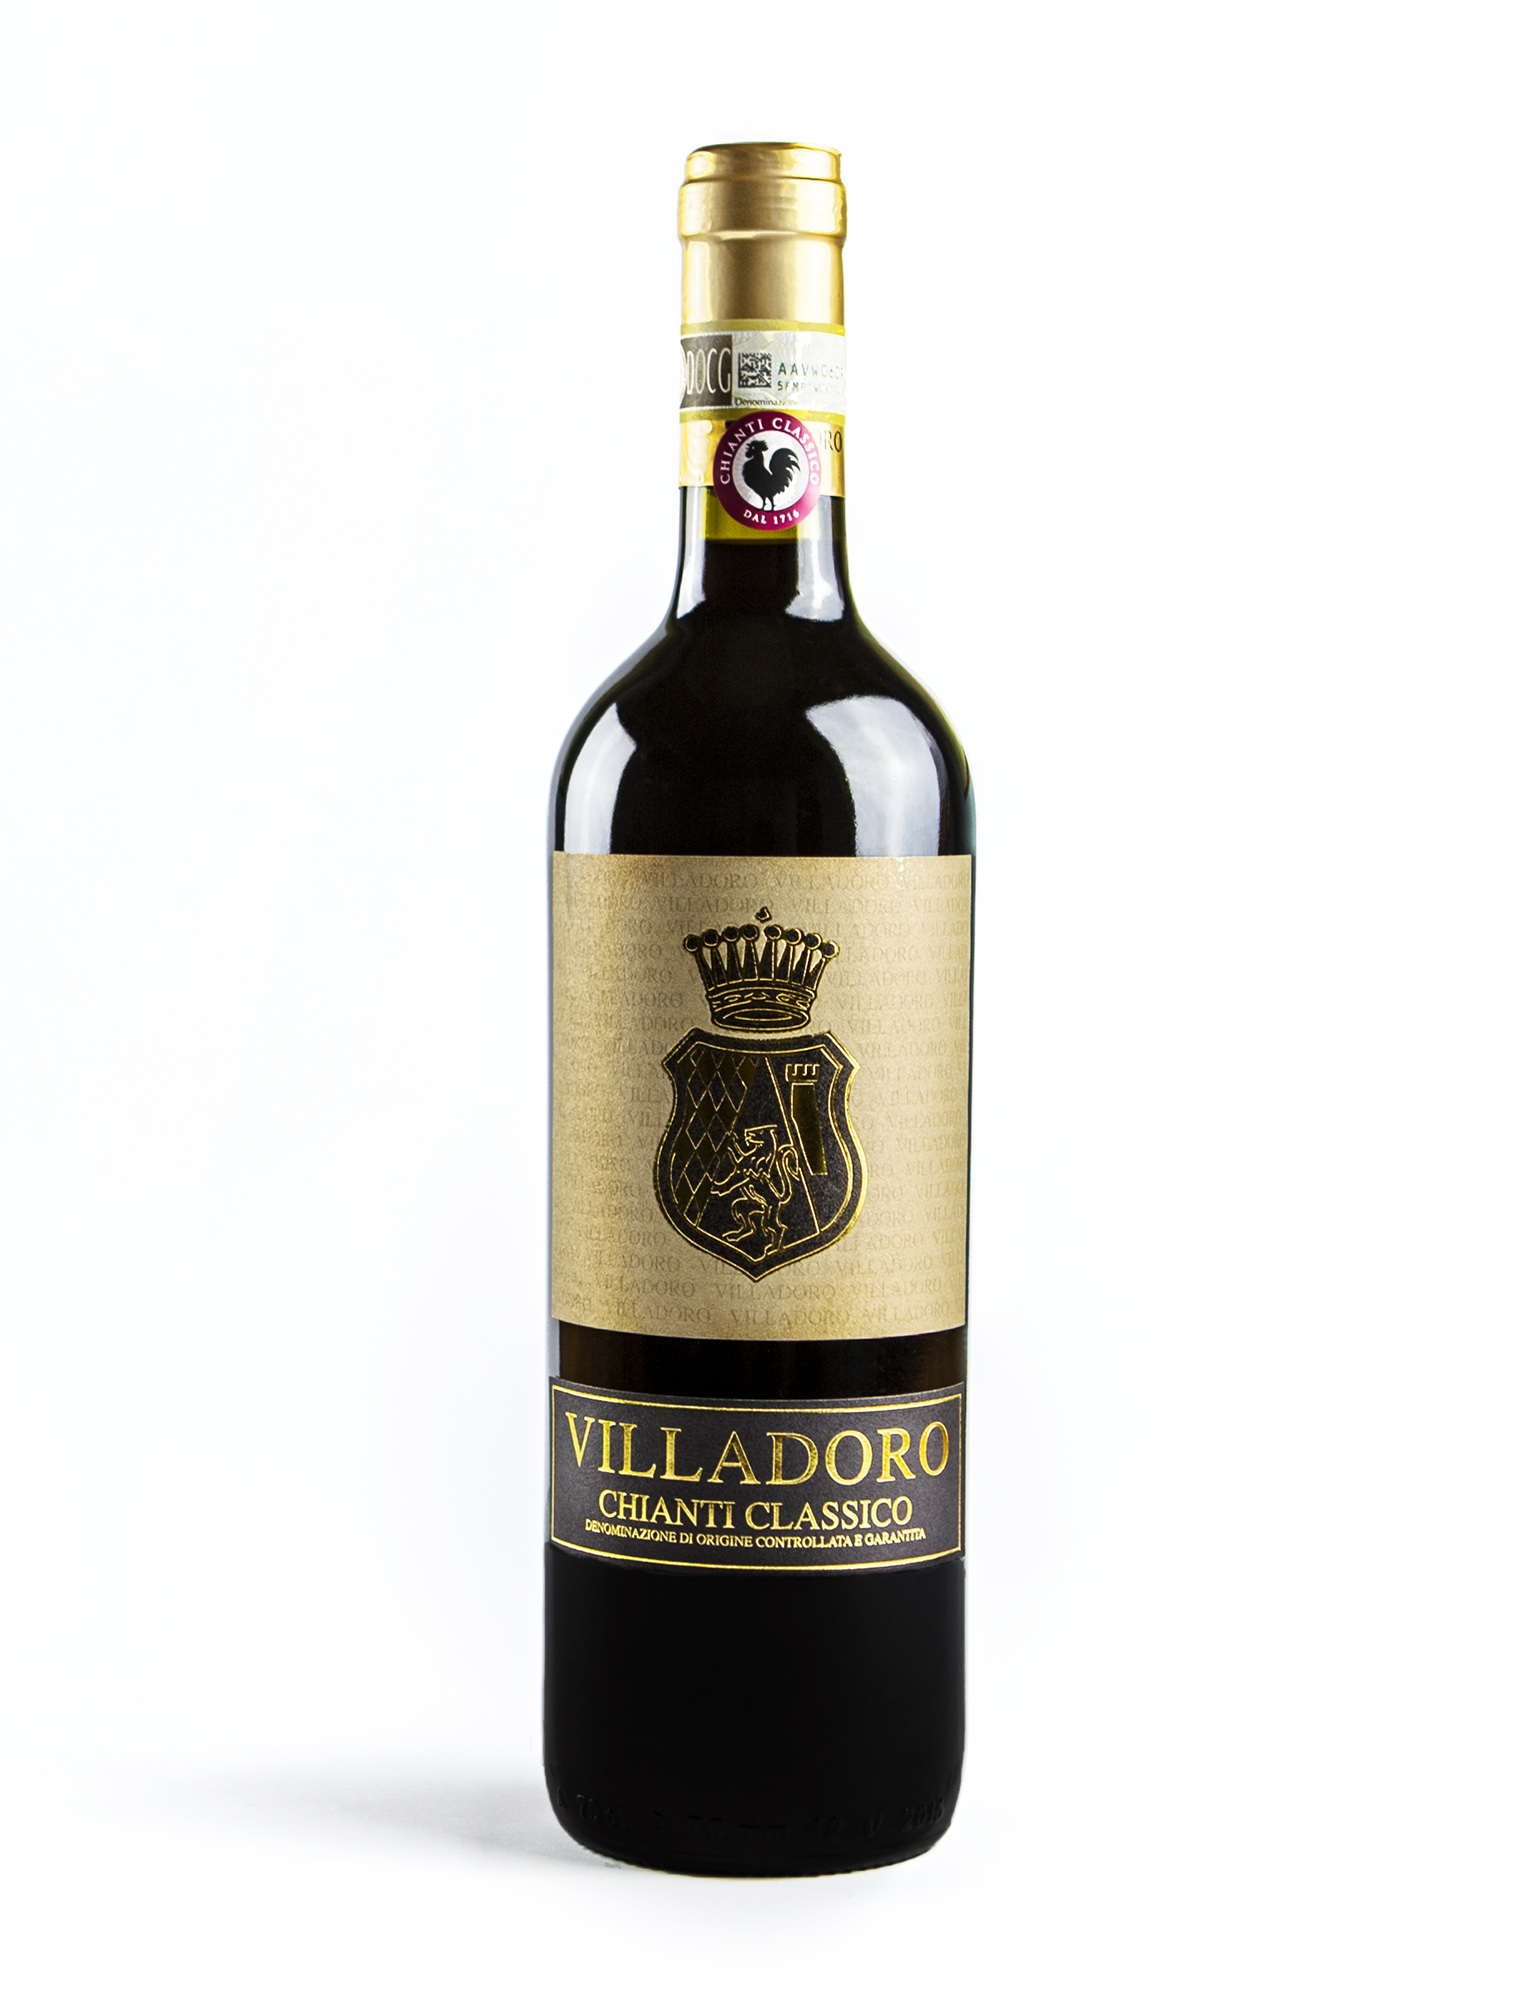 VILLADORO Chianti Classico vino rosso